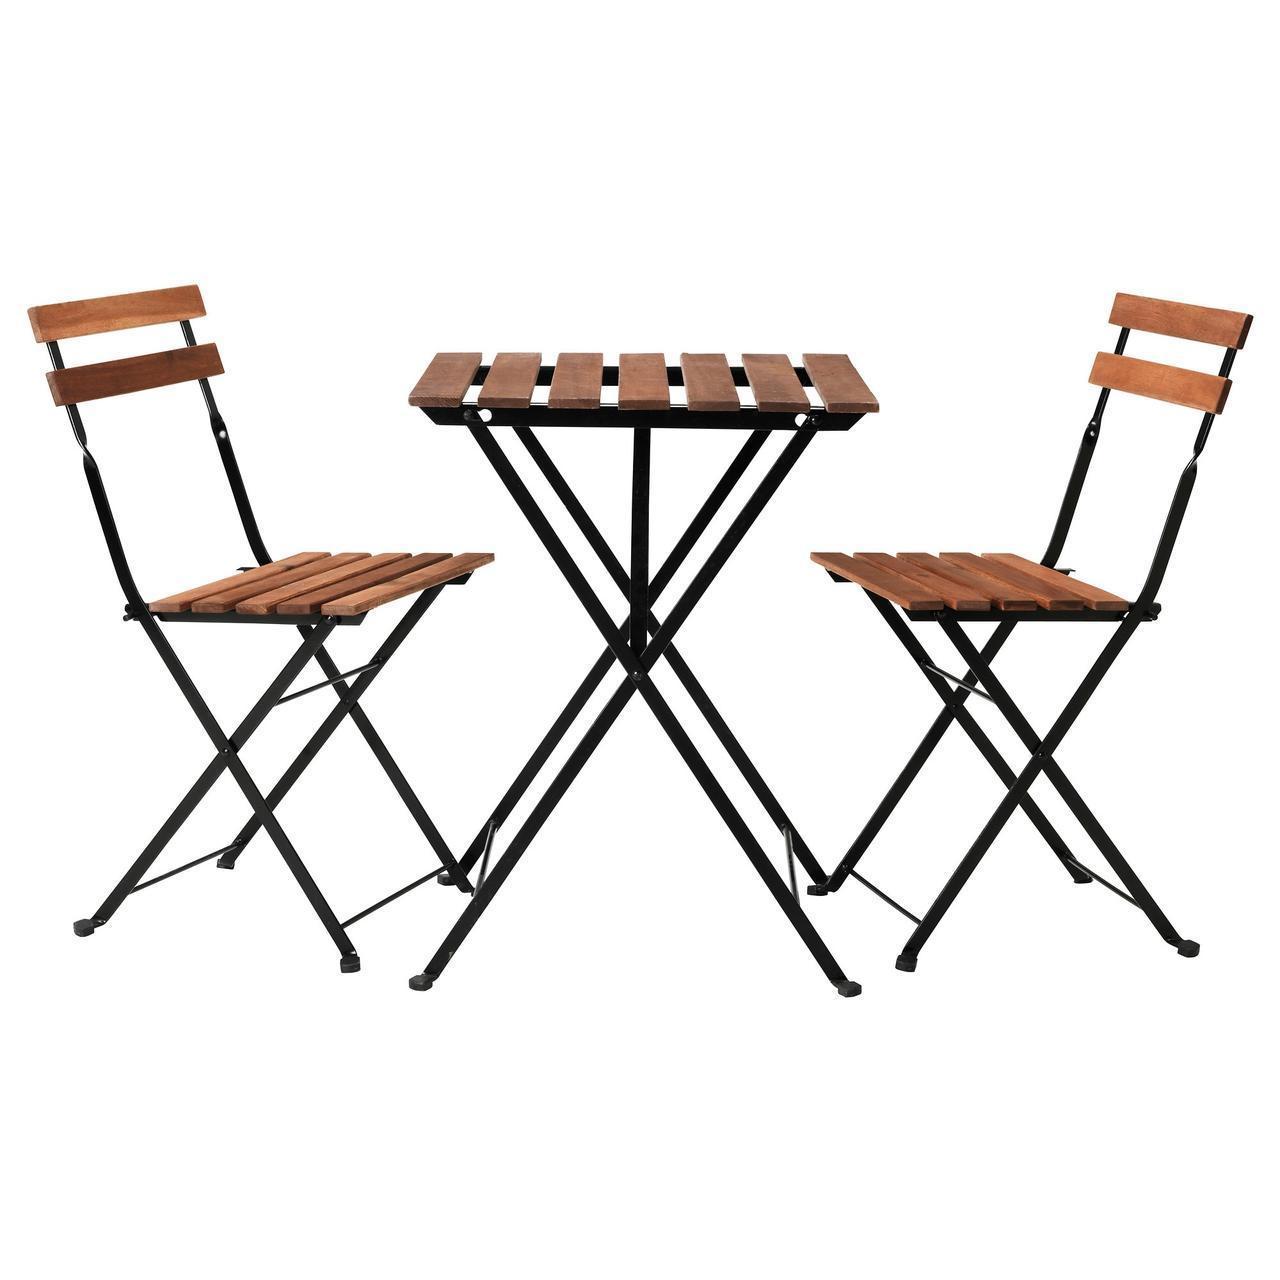 IKEA TARNO Садовый стол и 2 стула, черная Акация, сталь серо-коричневая (698.984.15)